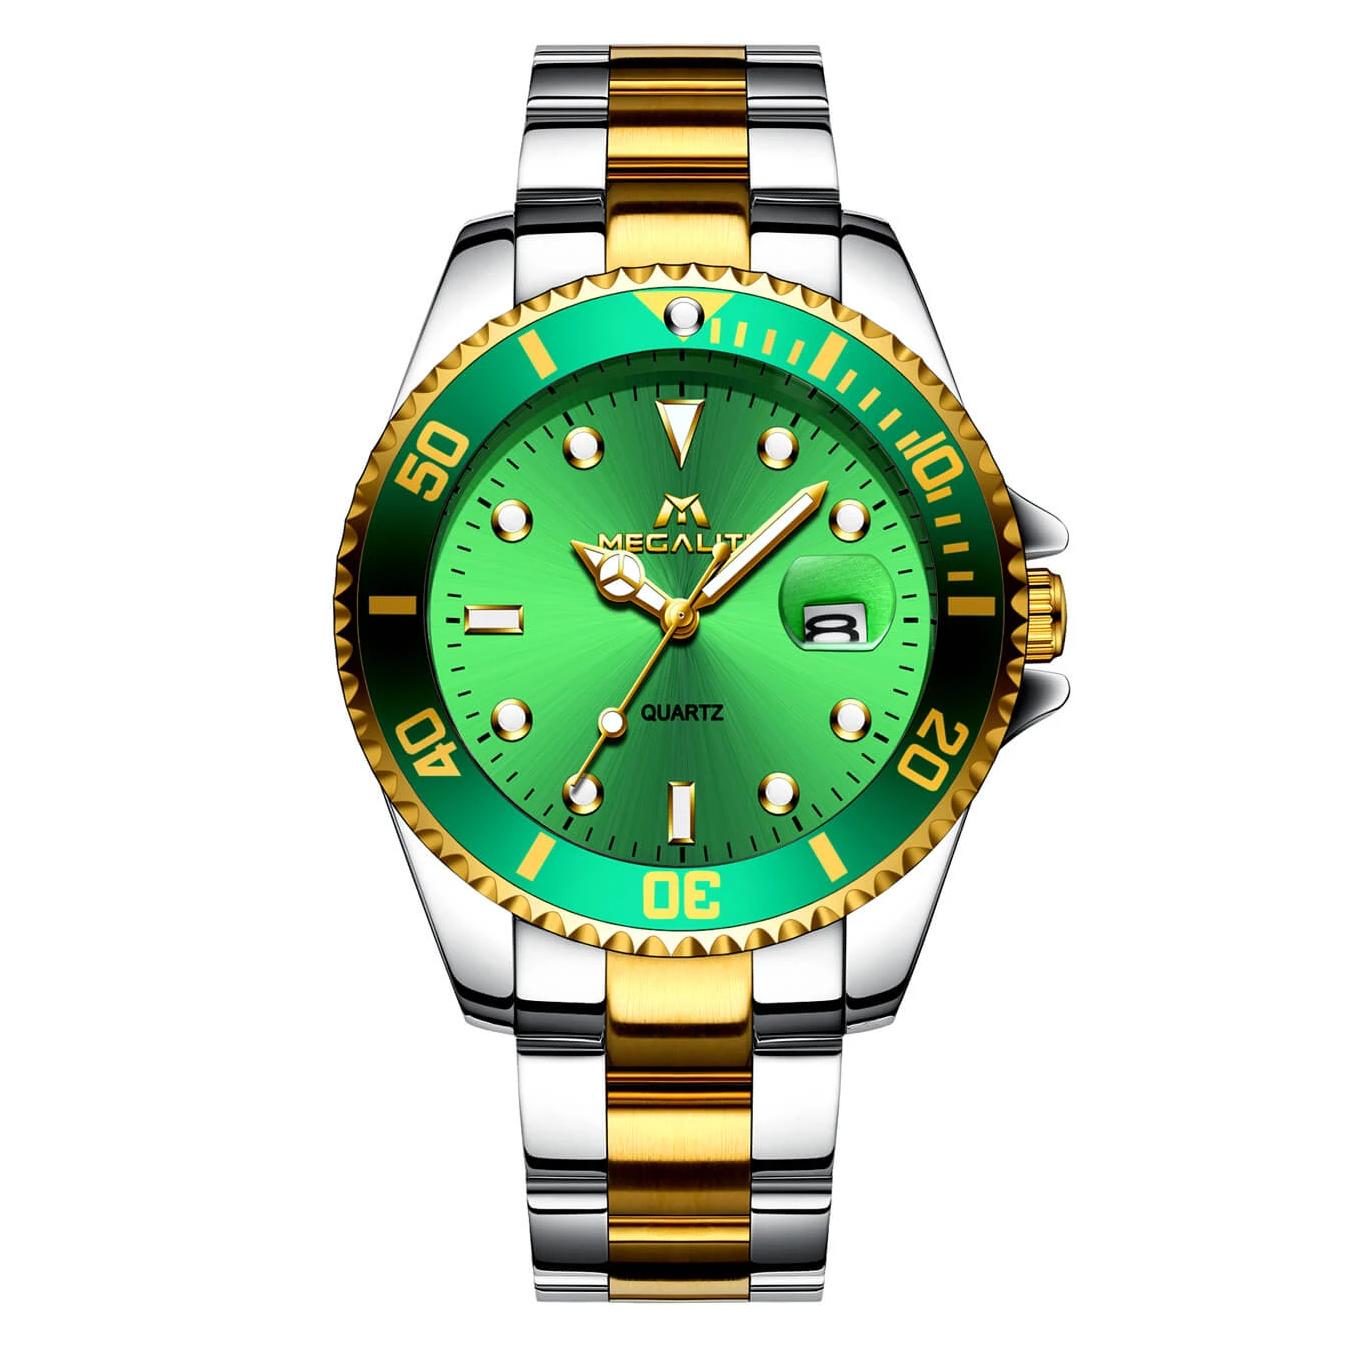 ساعت مچی عقربه ای مگالیت مدل 0037GR